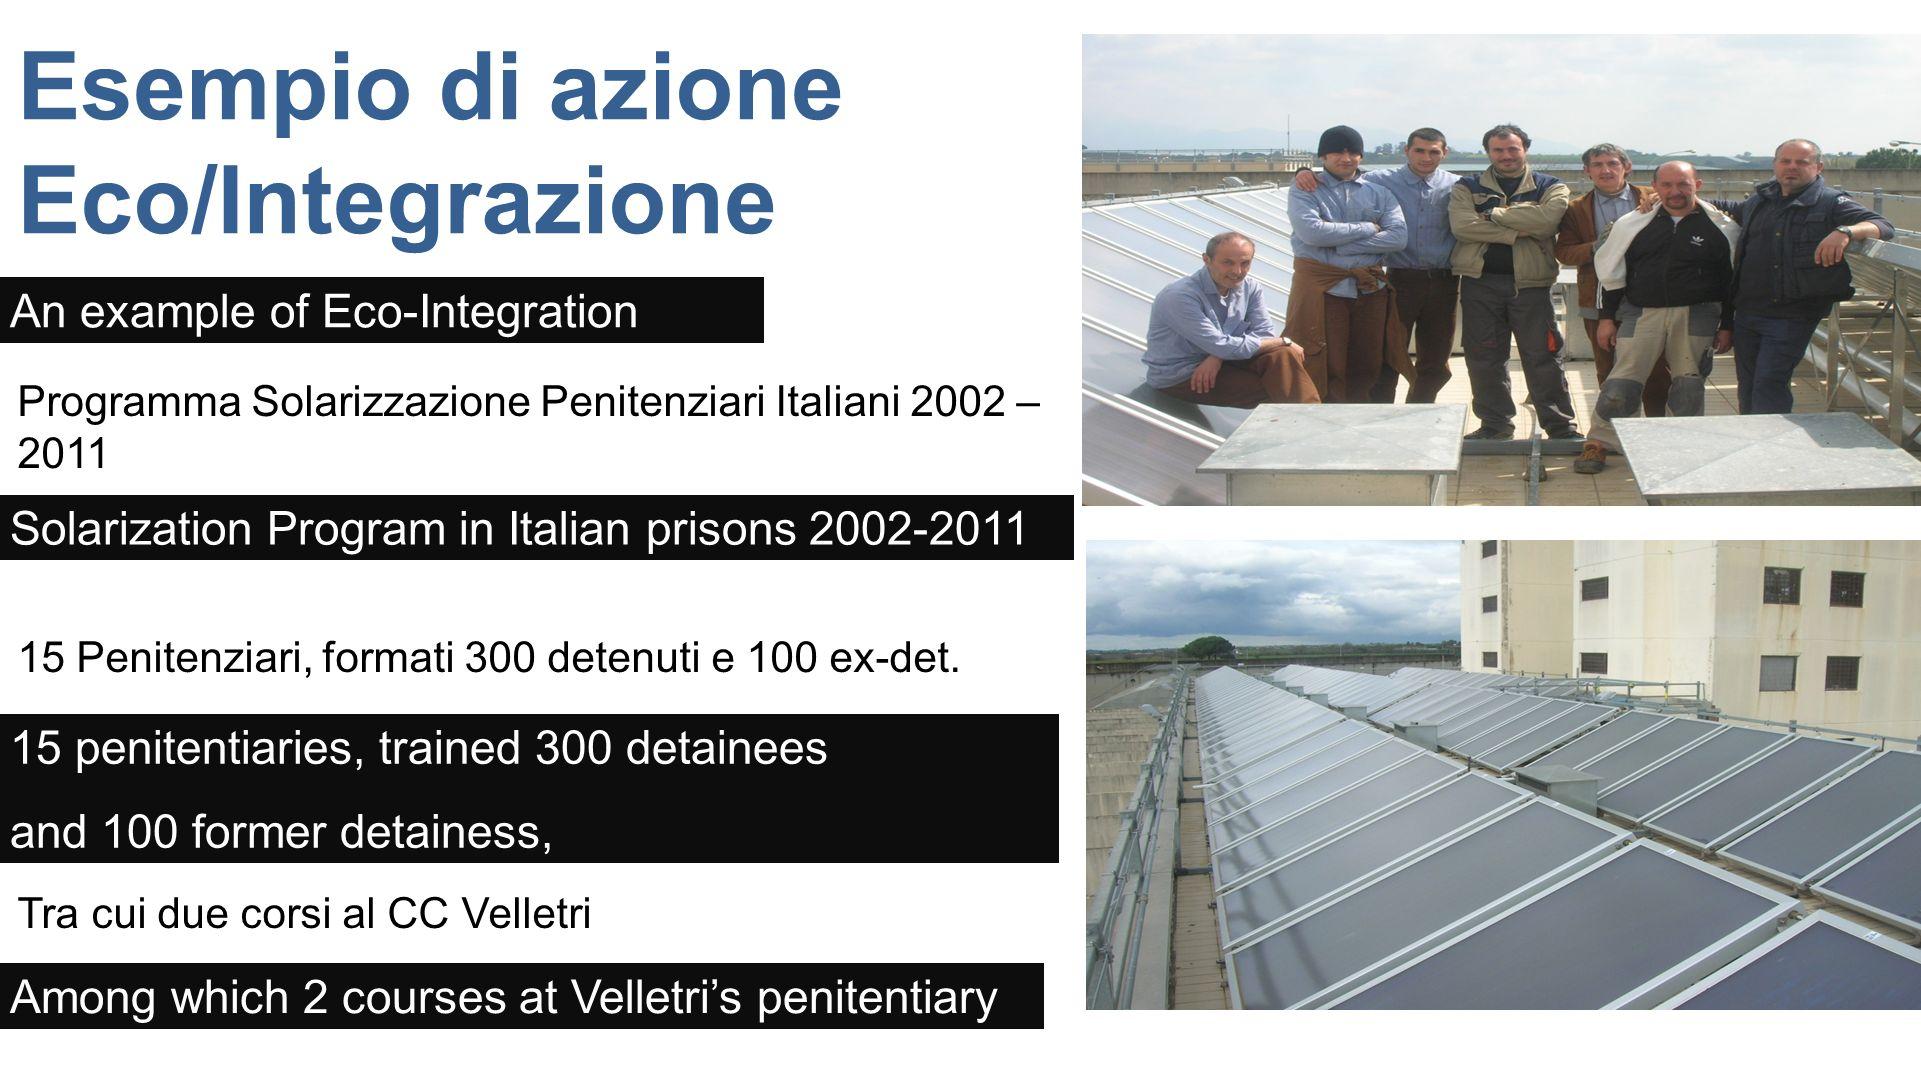 Esempio di azione Eco/Integrazione Programma Solarizzazione Penitenziari Italiani 2002 – 2011 15 Penitenziari, formati 300 detenuti e 100 ex-det. Tra